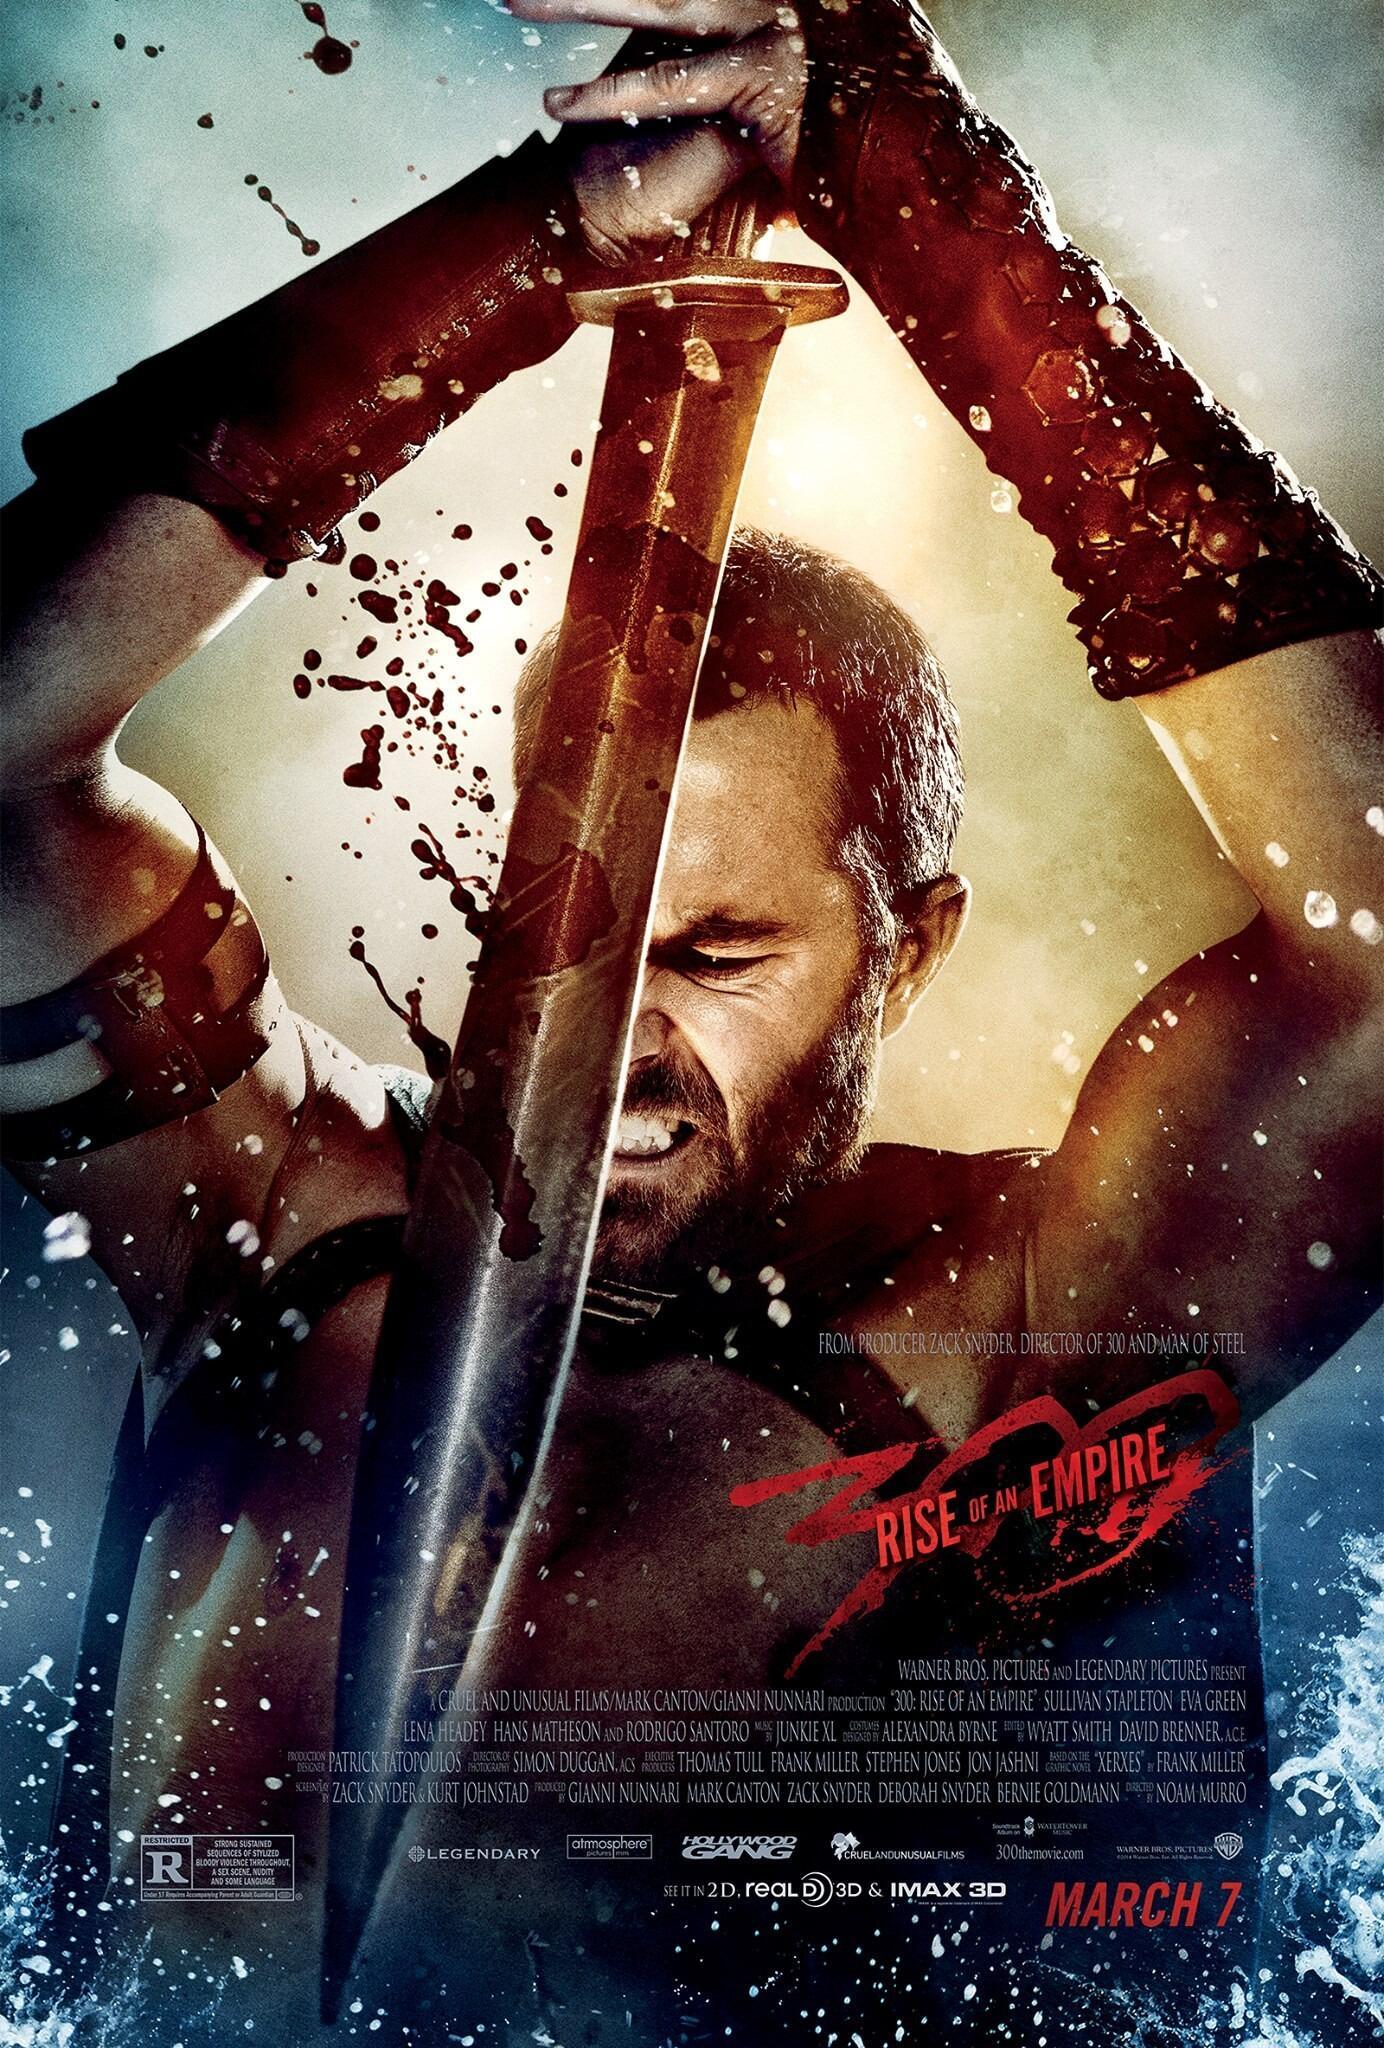 """Еще один постер к фильму """"300 спартанцев: Расцвет империи"""" http://t.co/YrruHSik6b"""